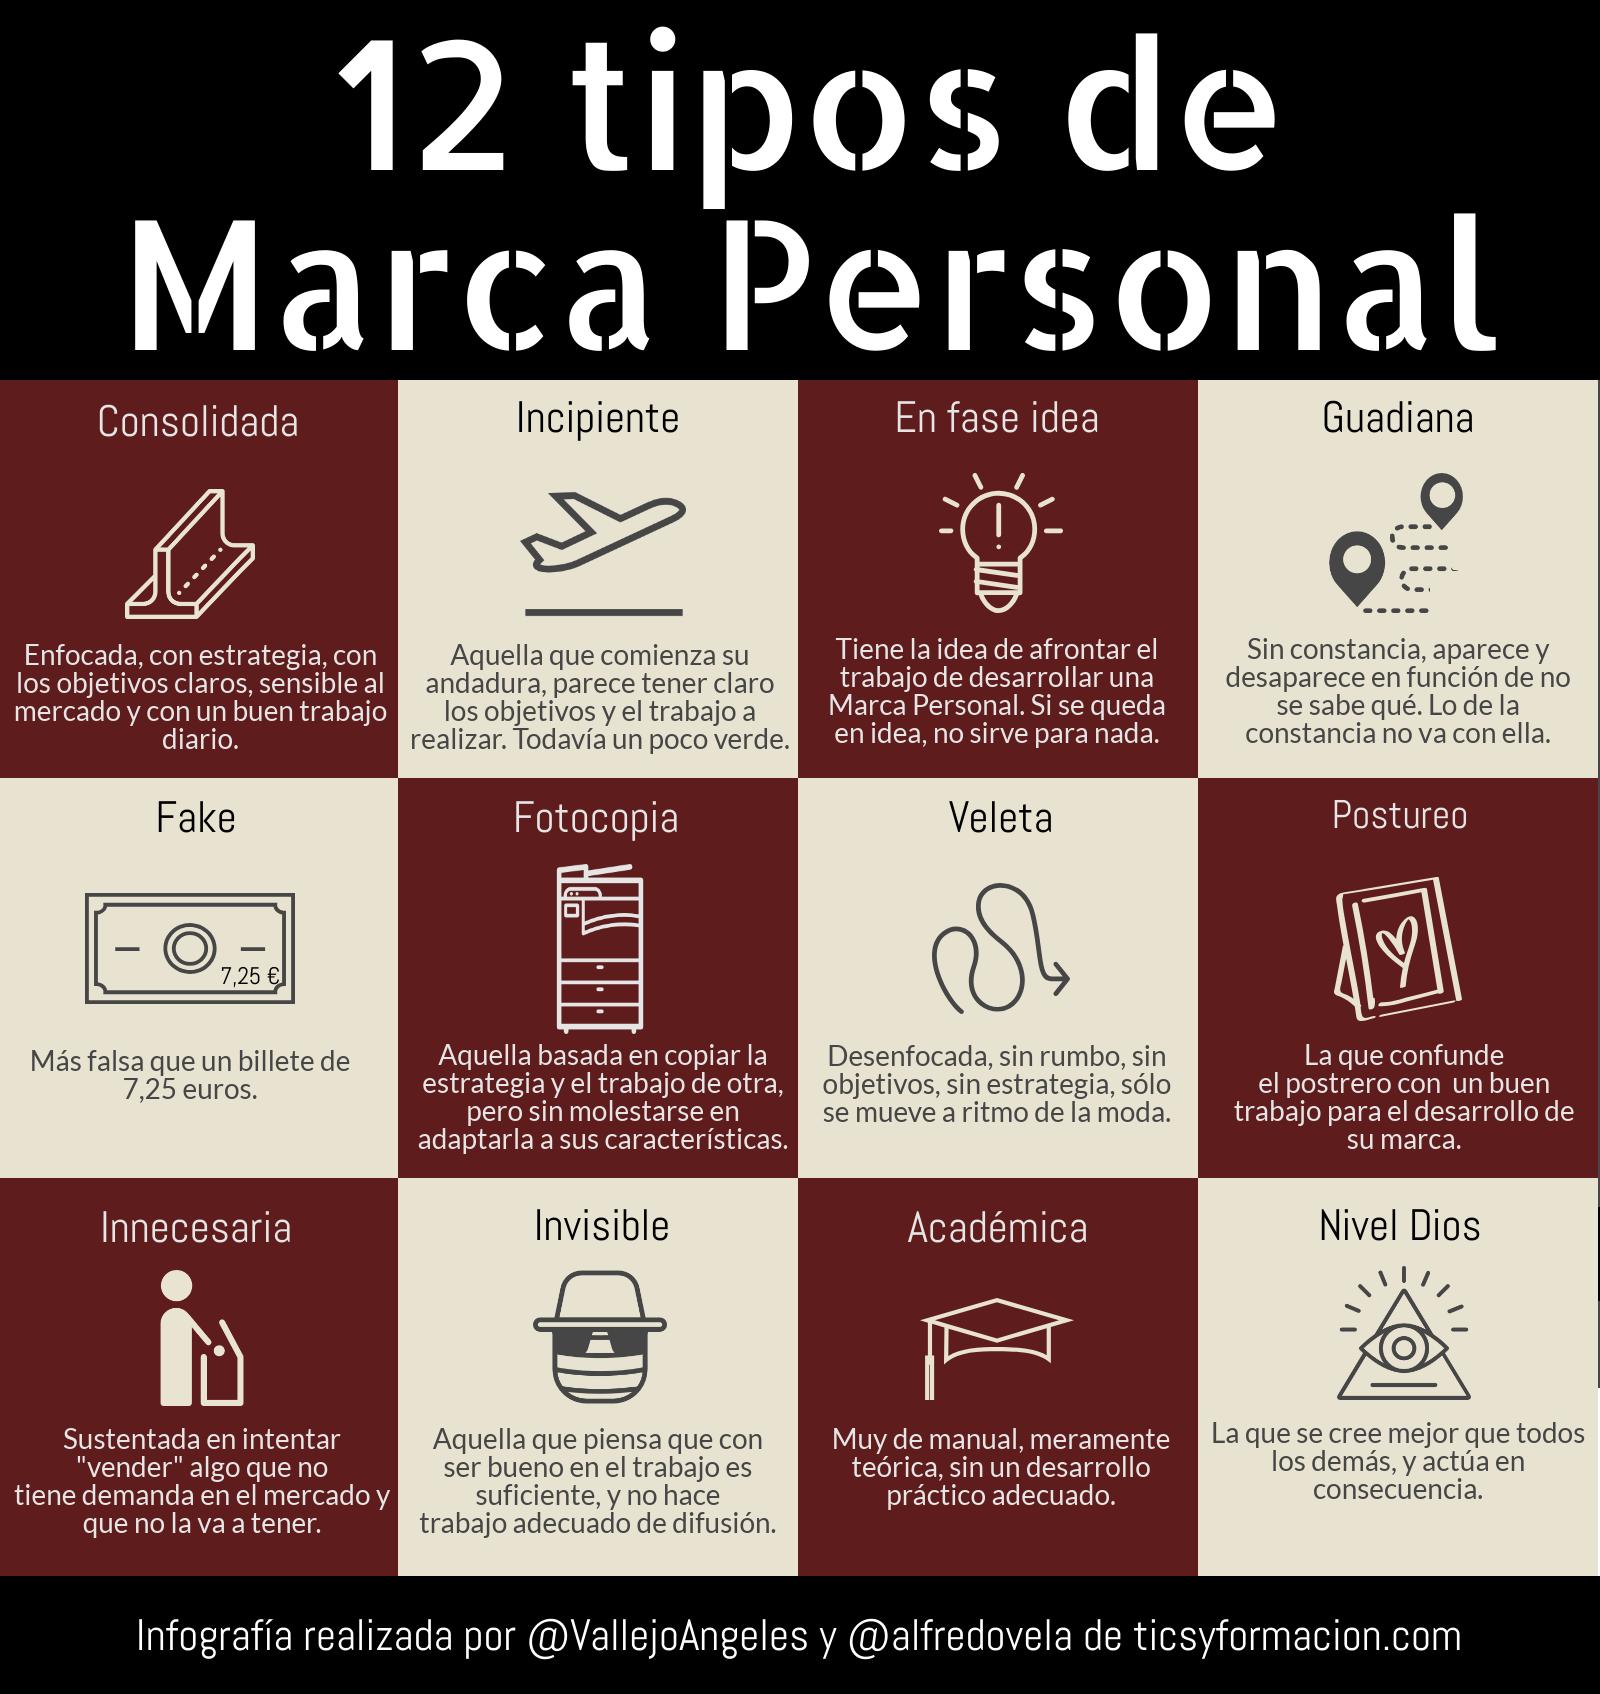 12 tipos de Marca Personal